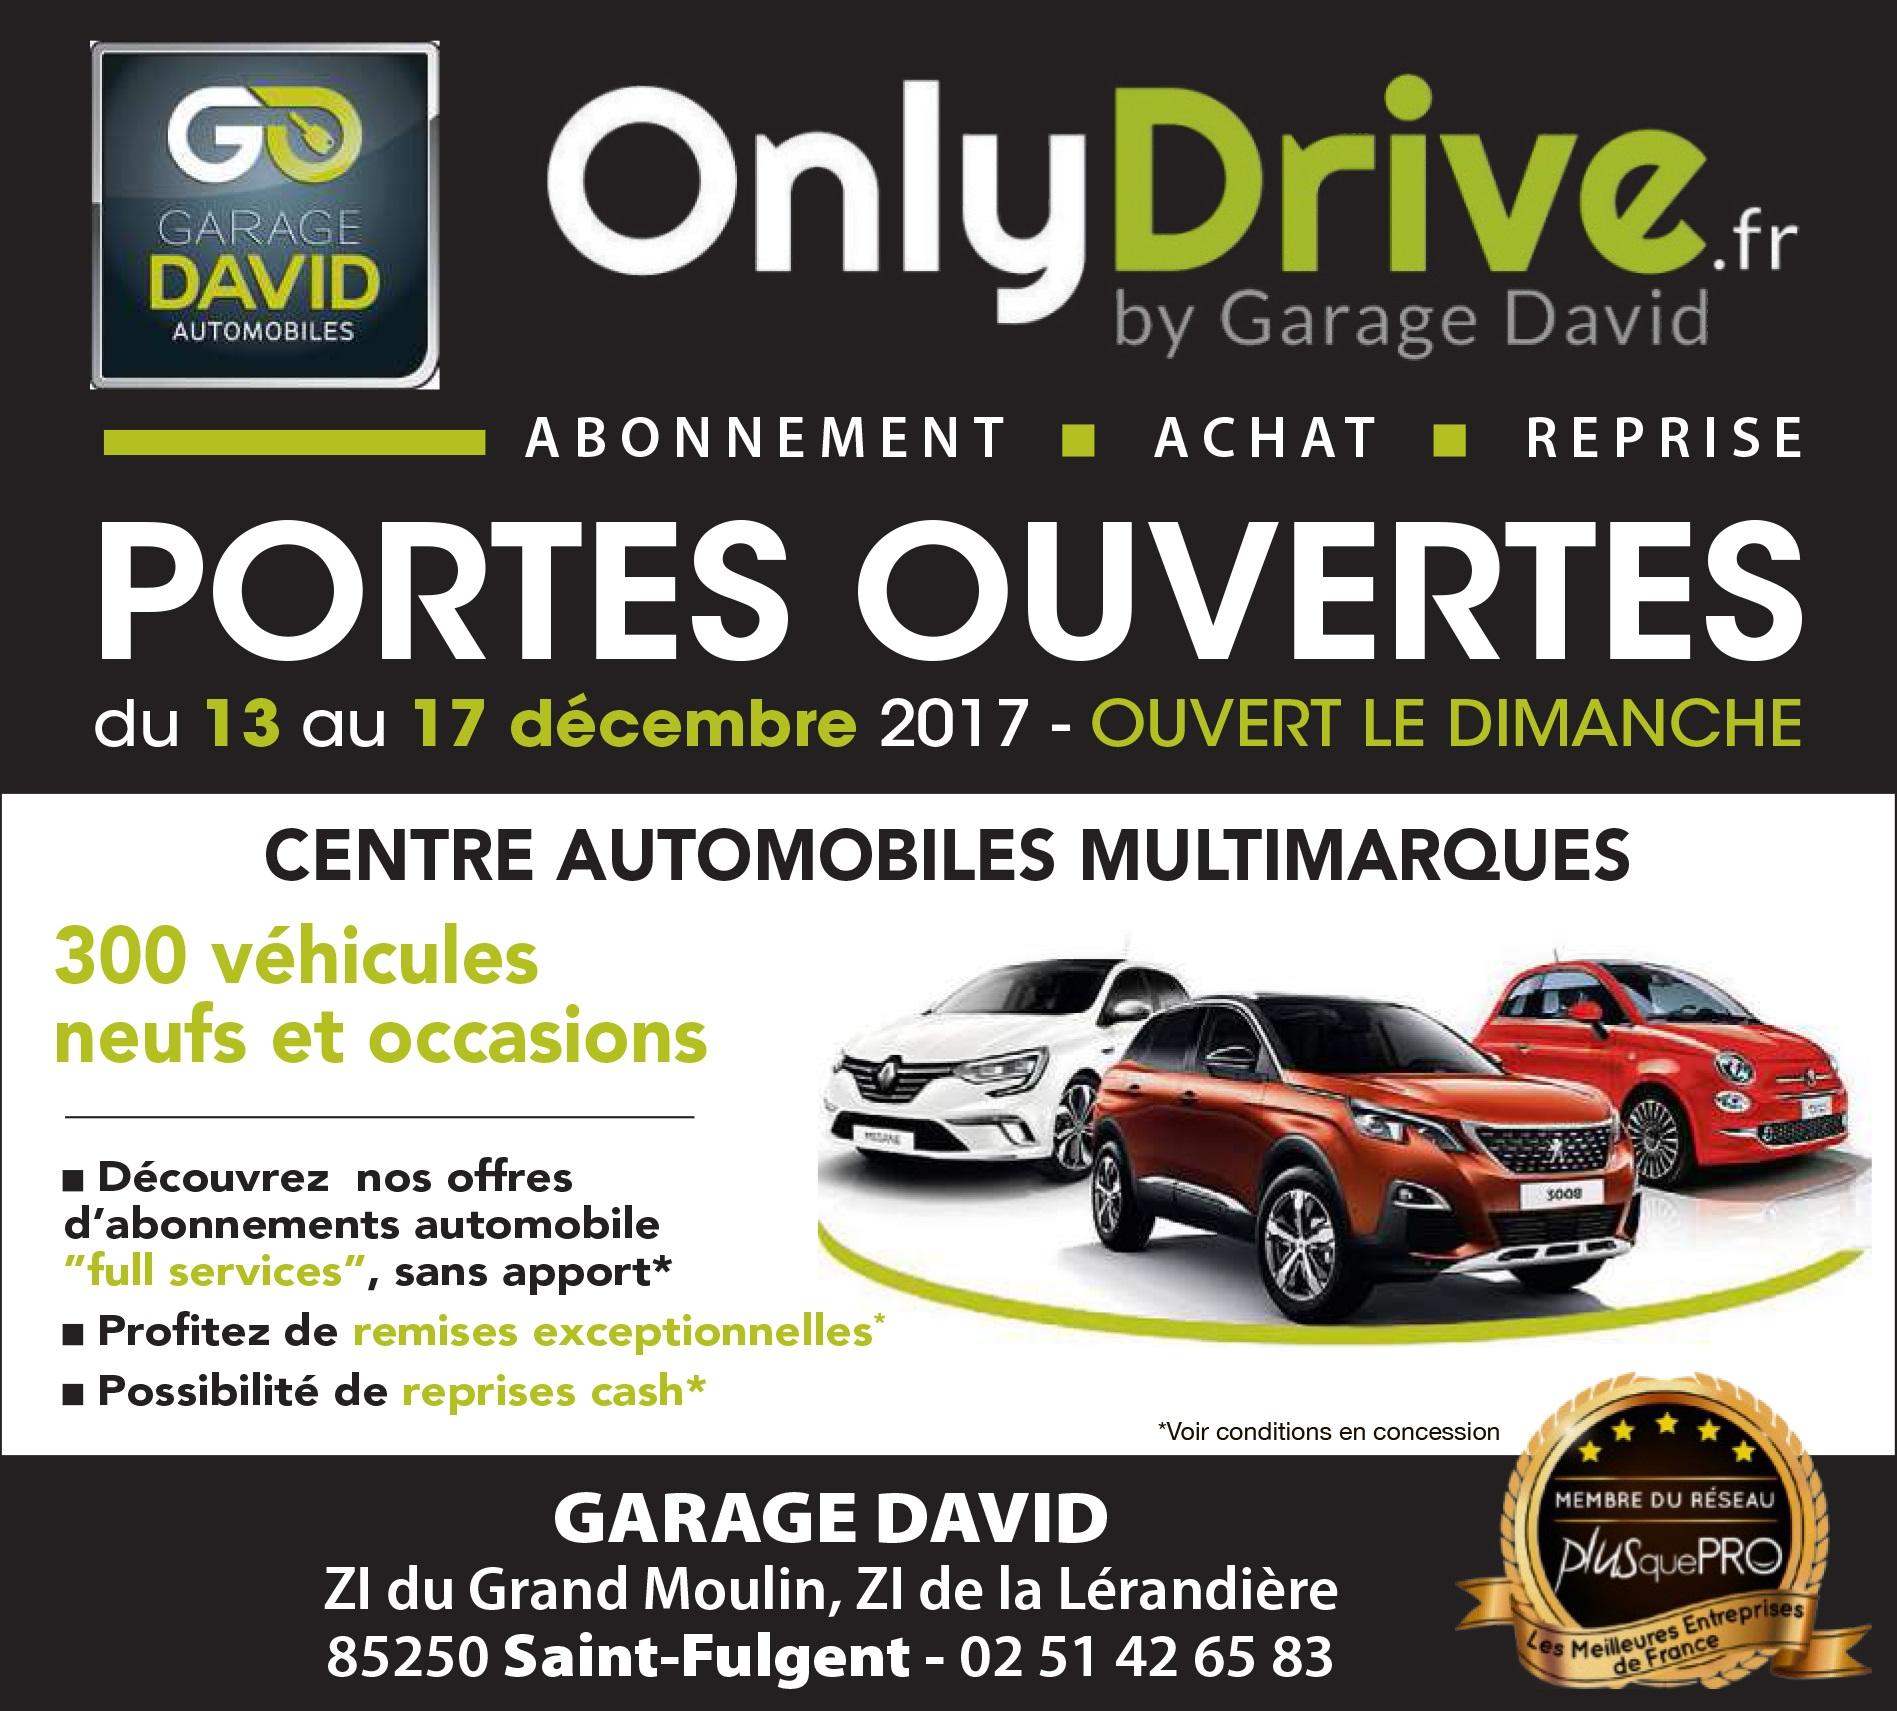 Portes ouvertes du 13 au 17 décembre 2017 au Garage David à Saint Fulgent en Vendée